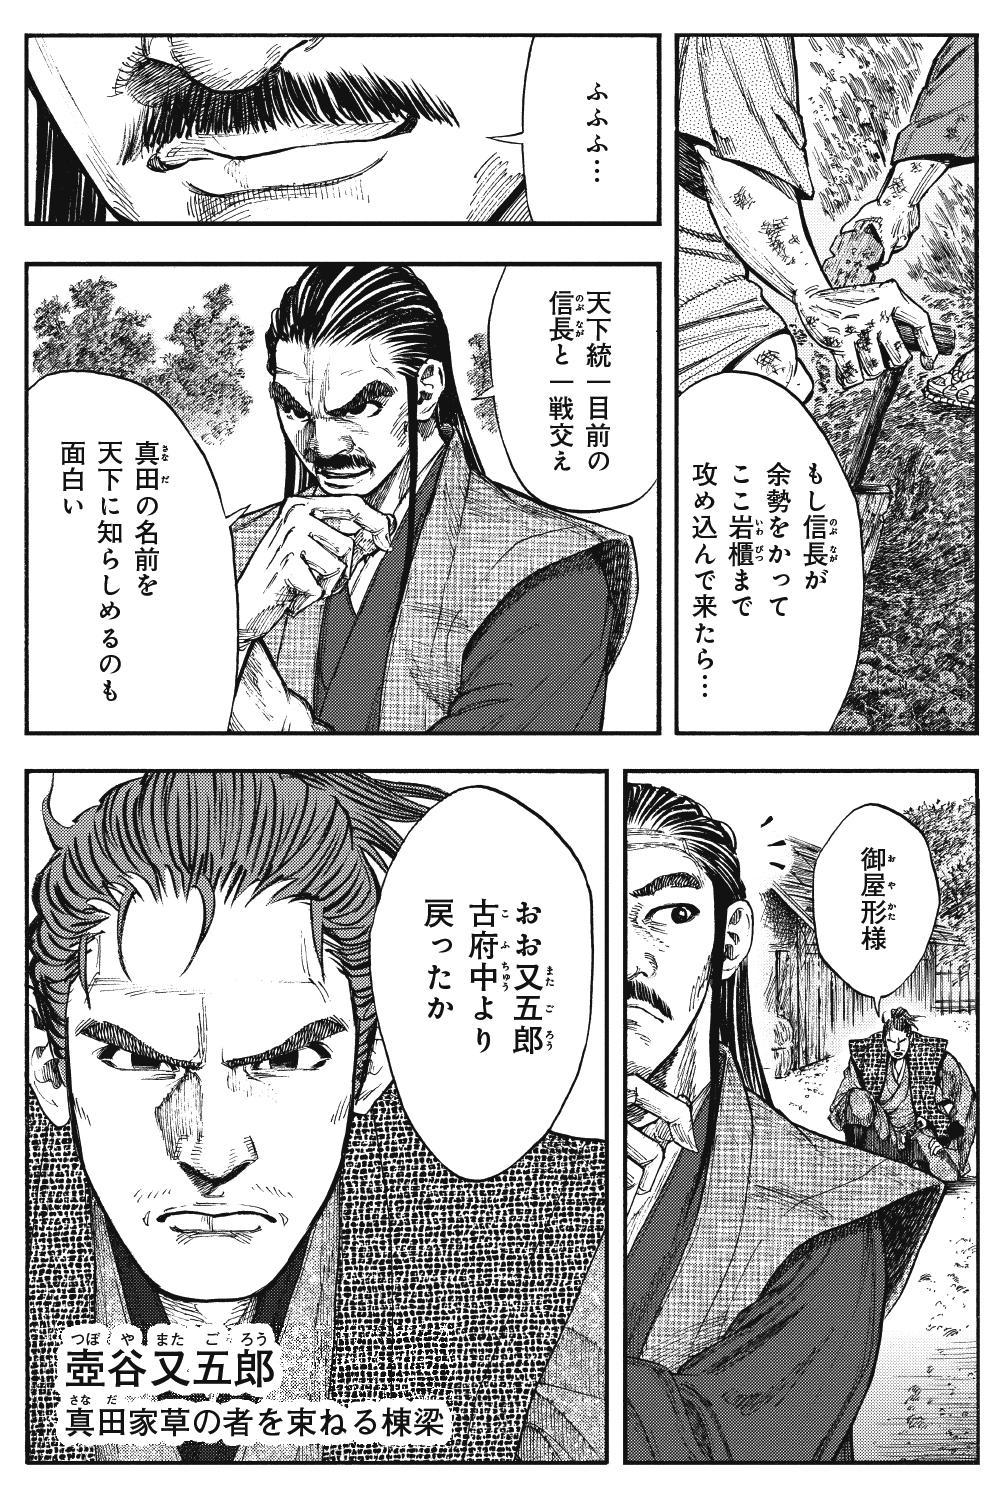 真田太平記 第8話「真田兄弟」①sanada14-03.jpg